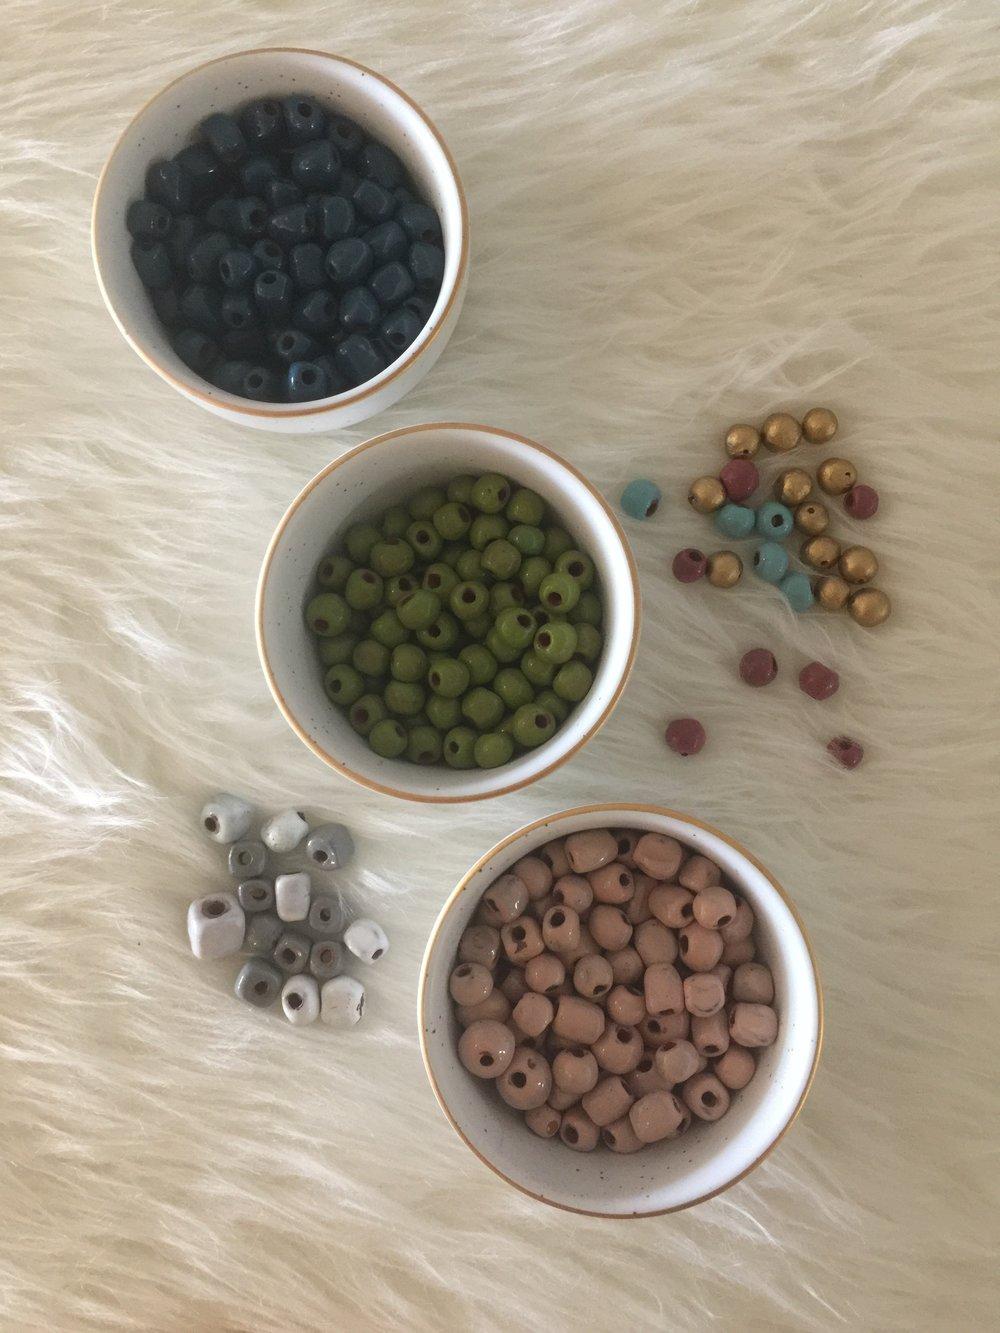 Haiti Clay Beads 3.JPG